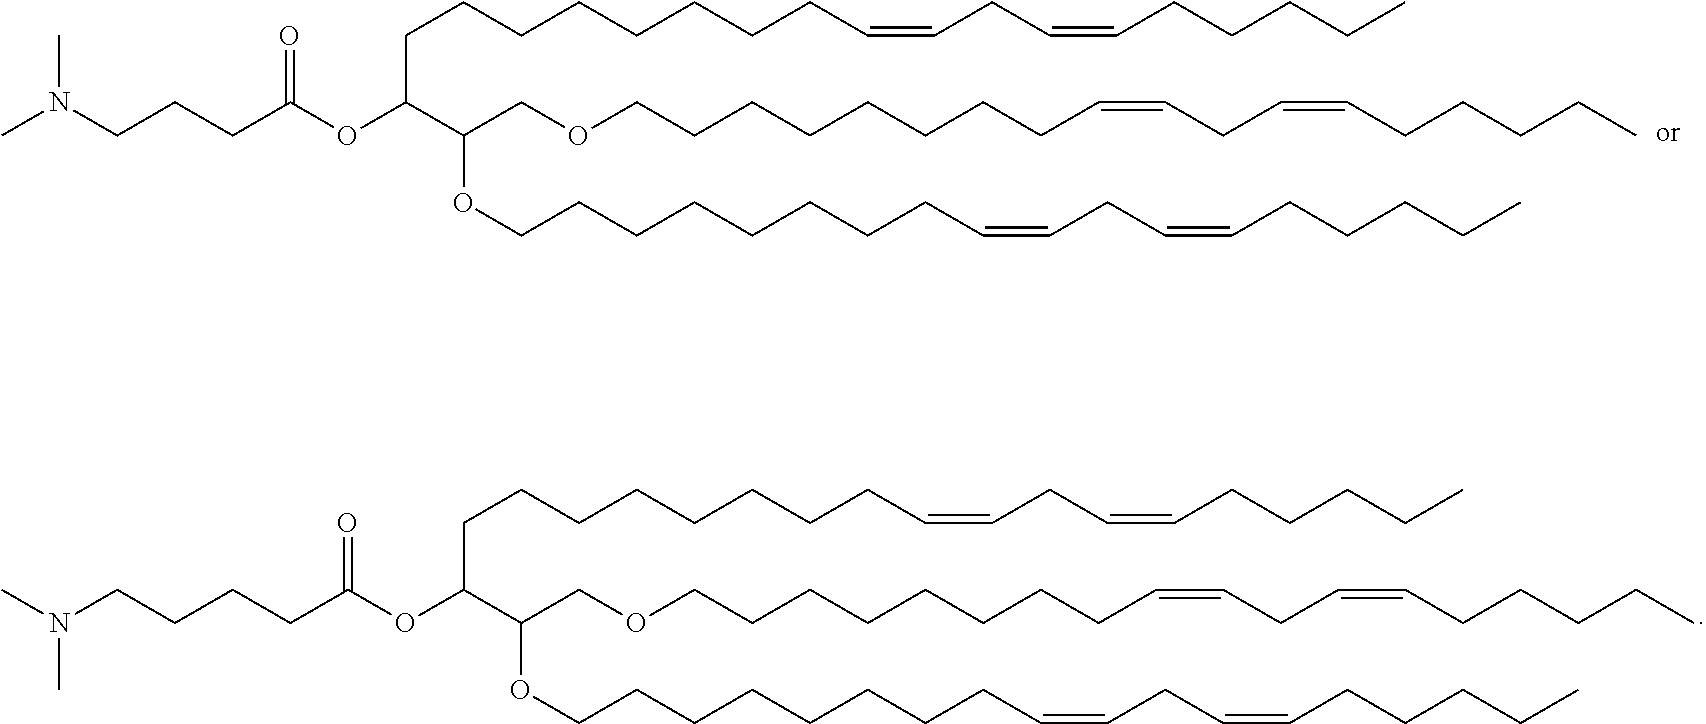 Figure US08466122-20130618-C00012